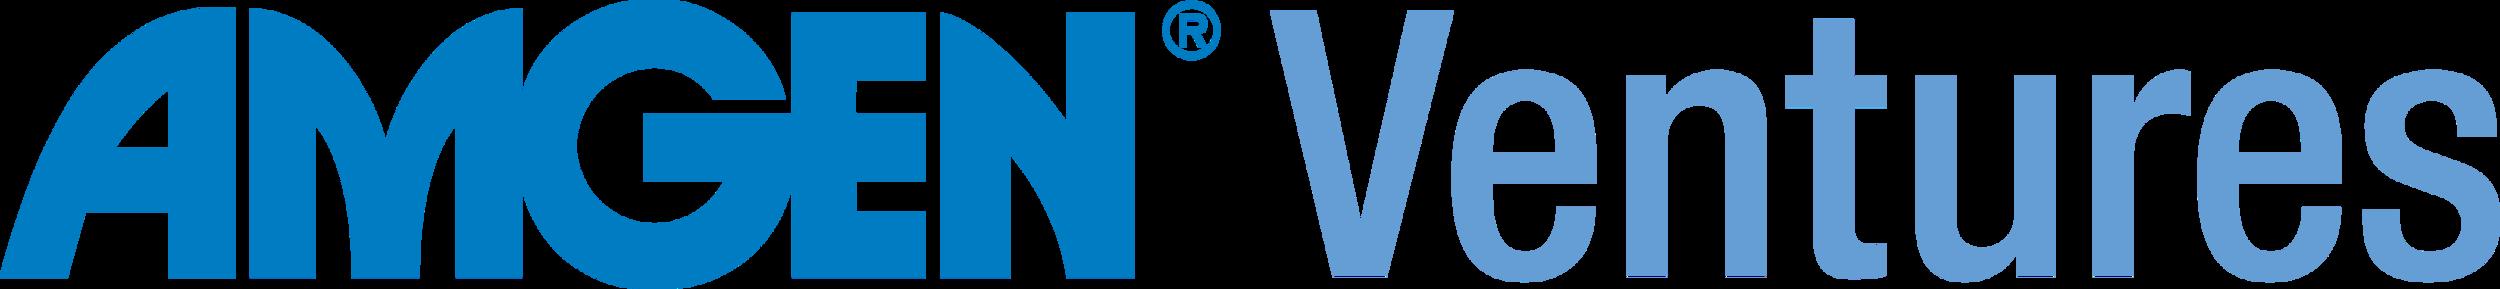 Amgen Ventures logo.png